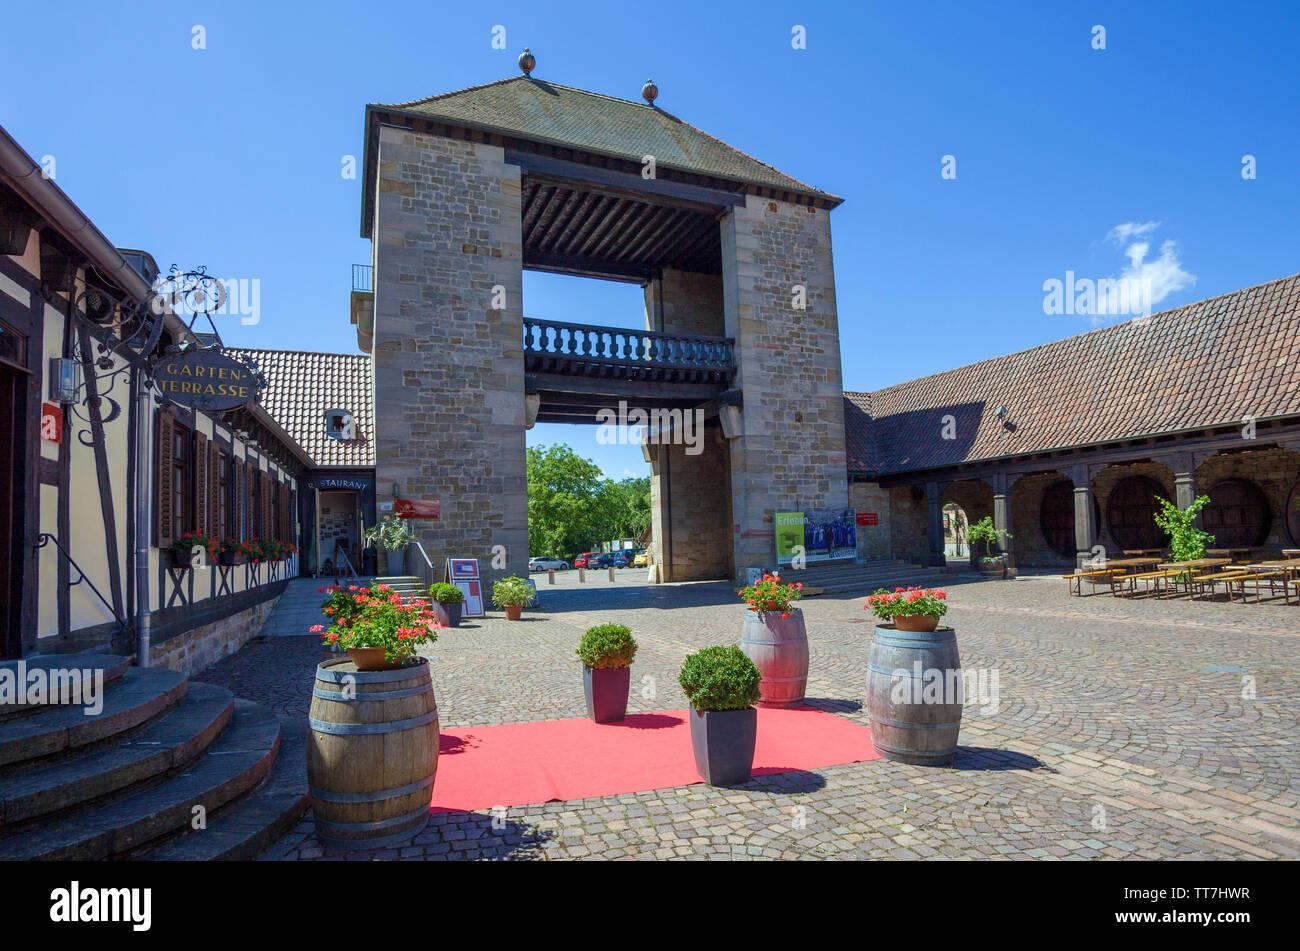 The German Wine Gate (german: Deutsches Weintor), marks the beginning of the German Wine Route, Schweigen-Rechtenbach, Rhineland-Palatinate, Germany Stock Photo